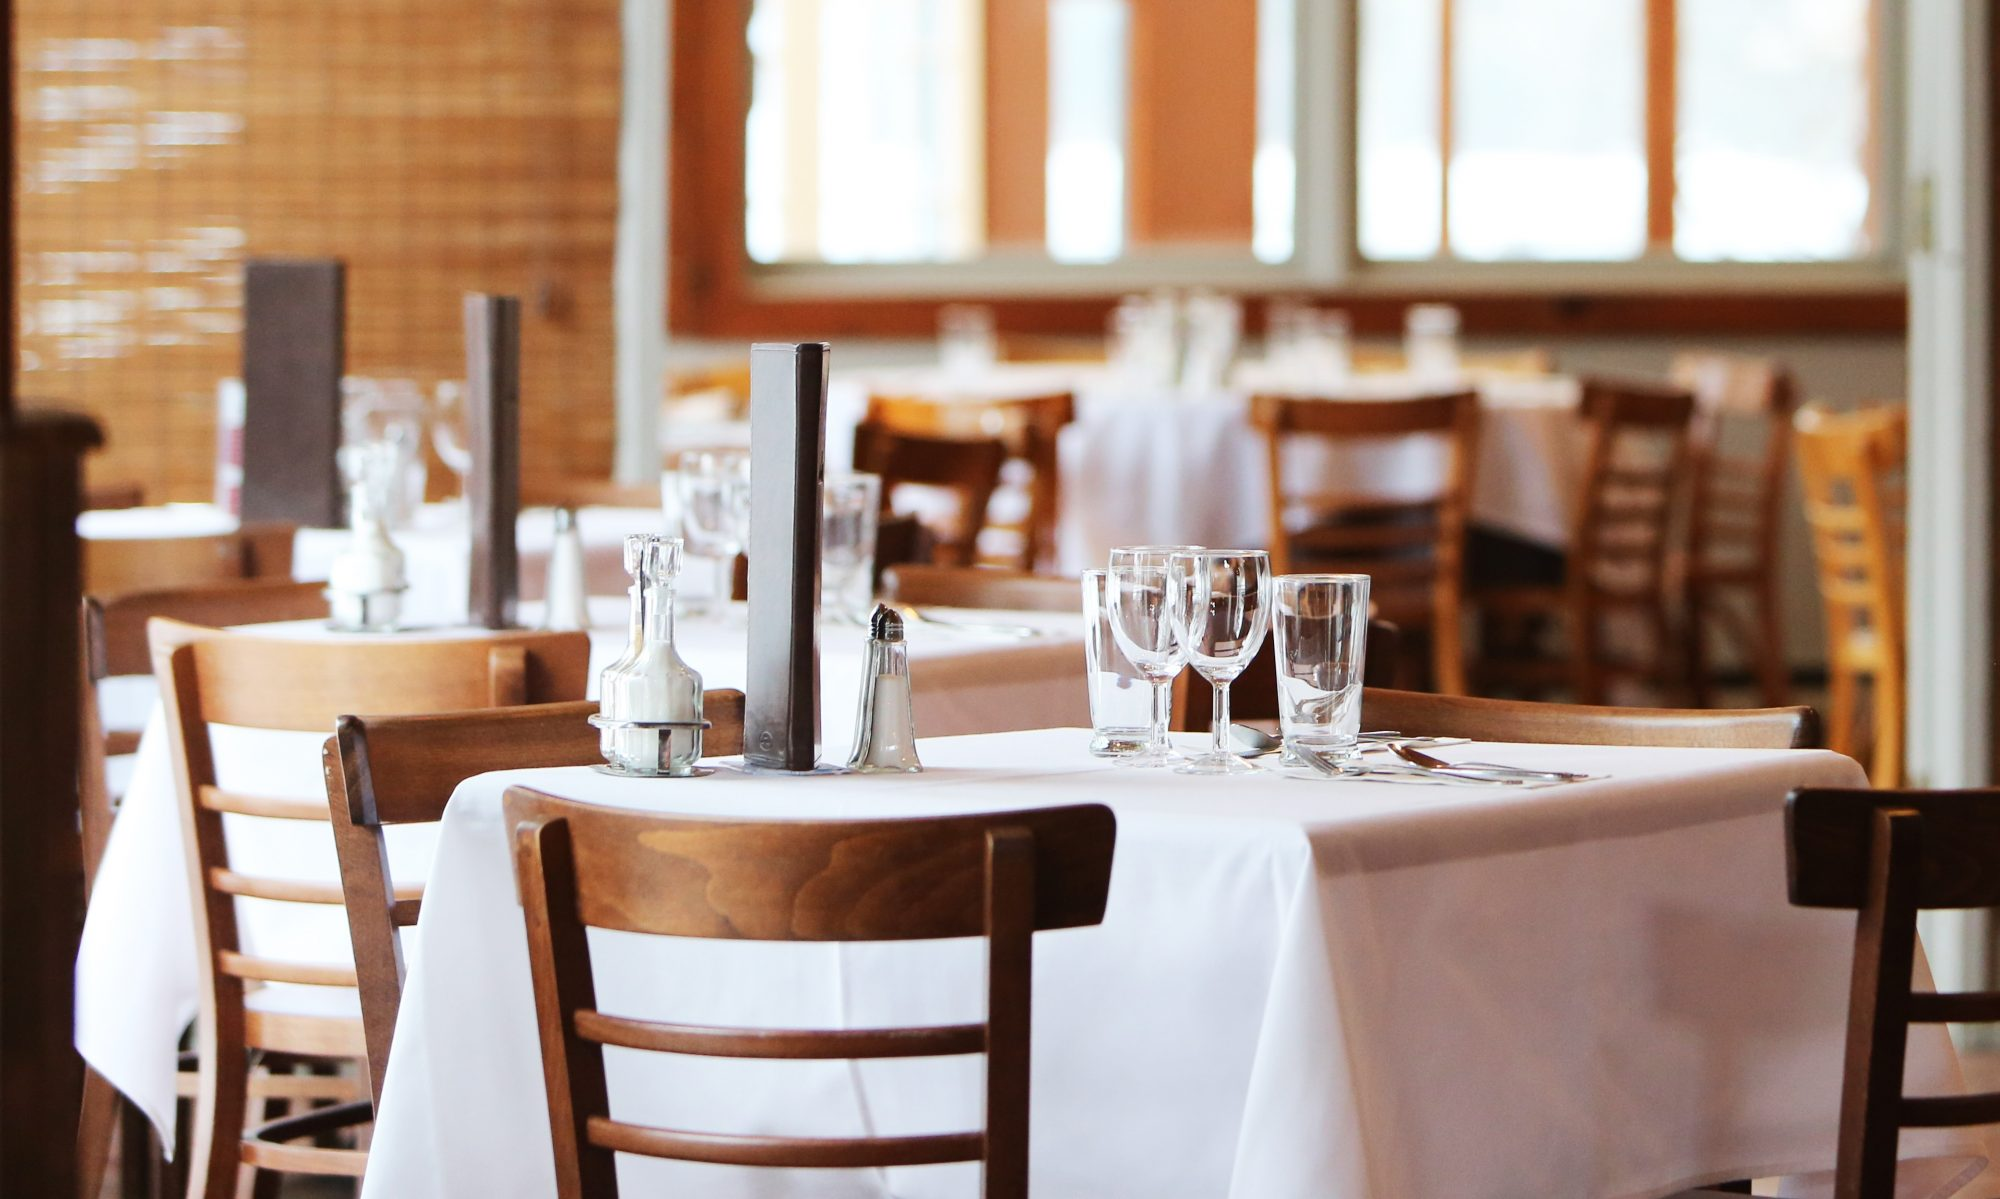 Modelo 137 sillas para restaurante - Silla para restaurante ...